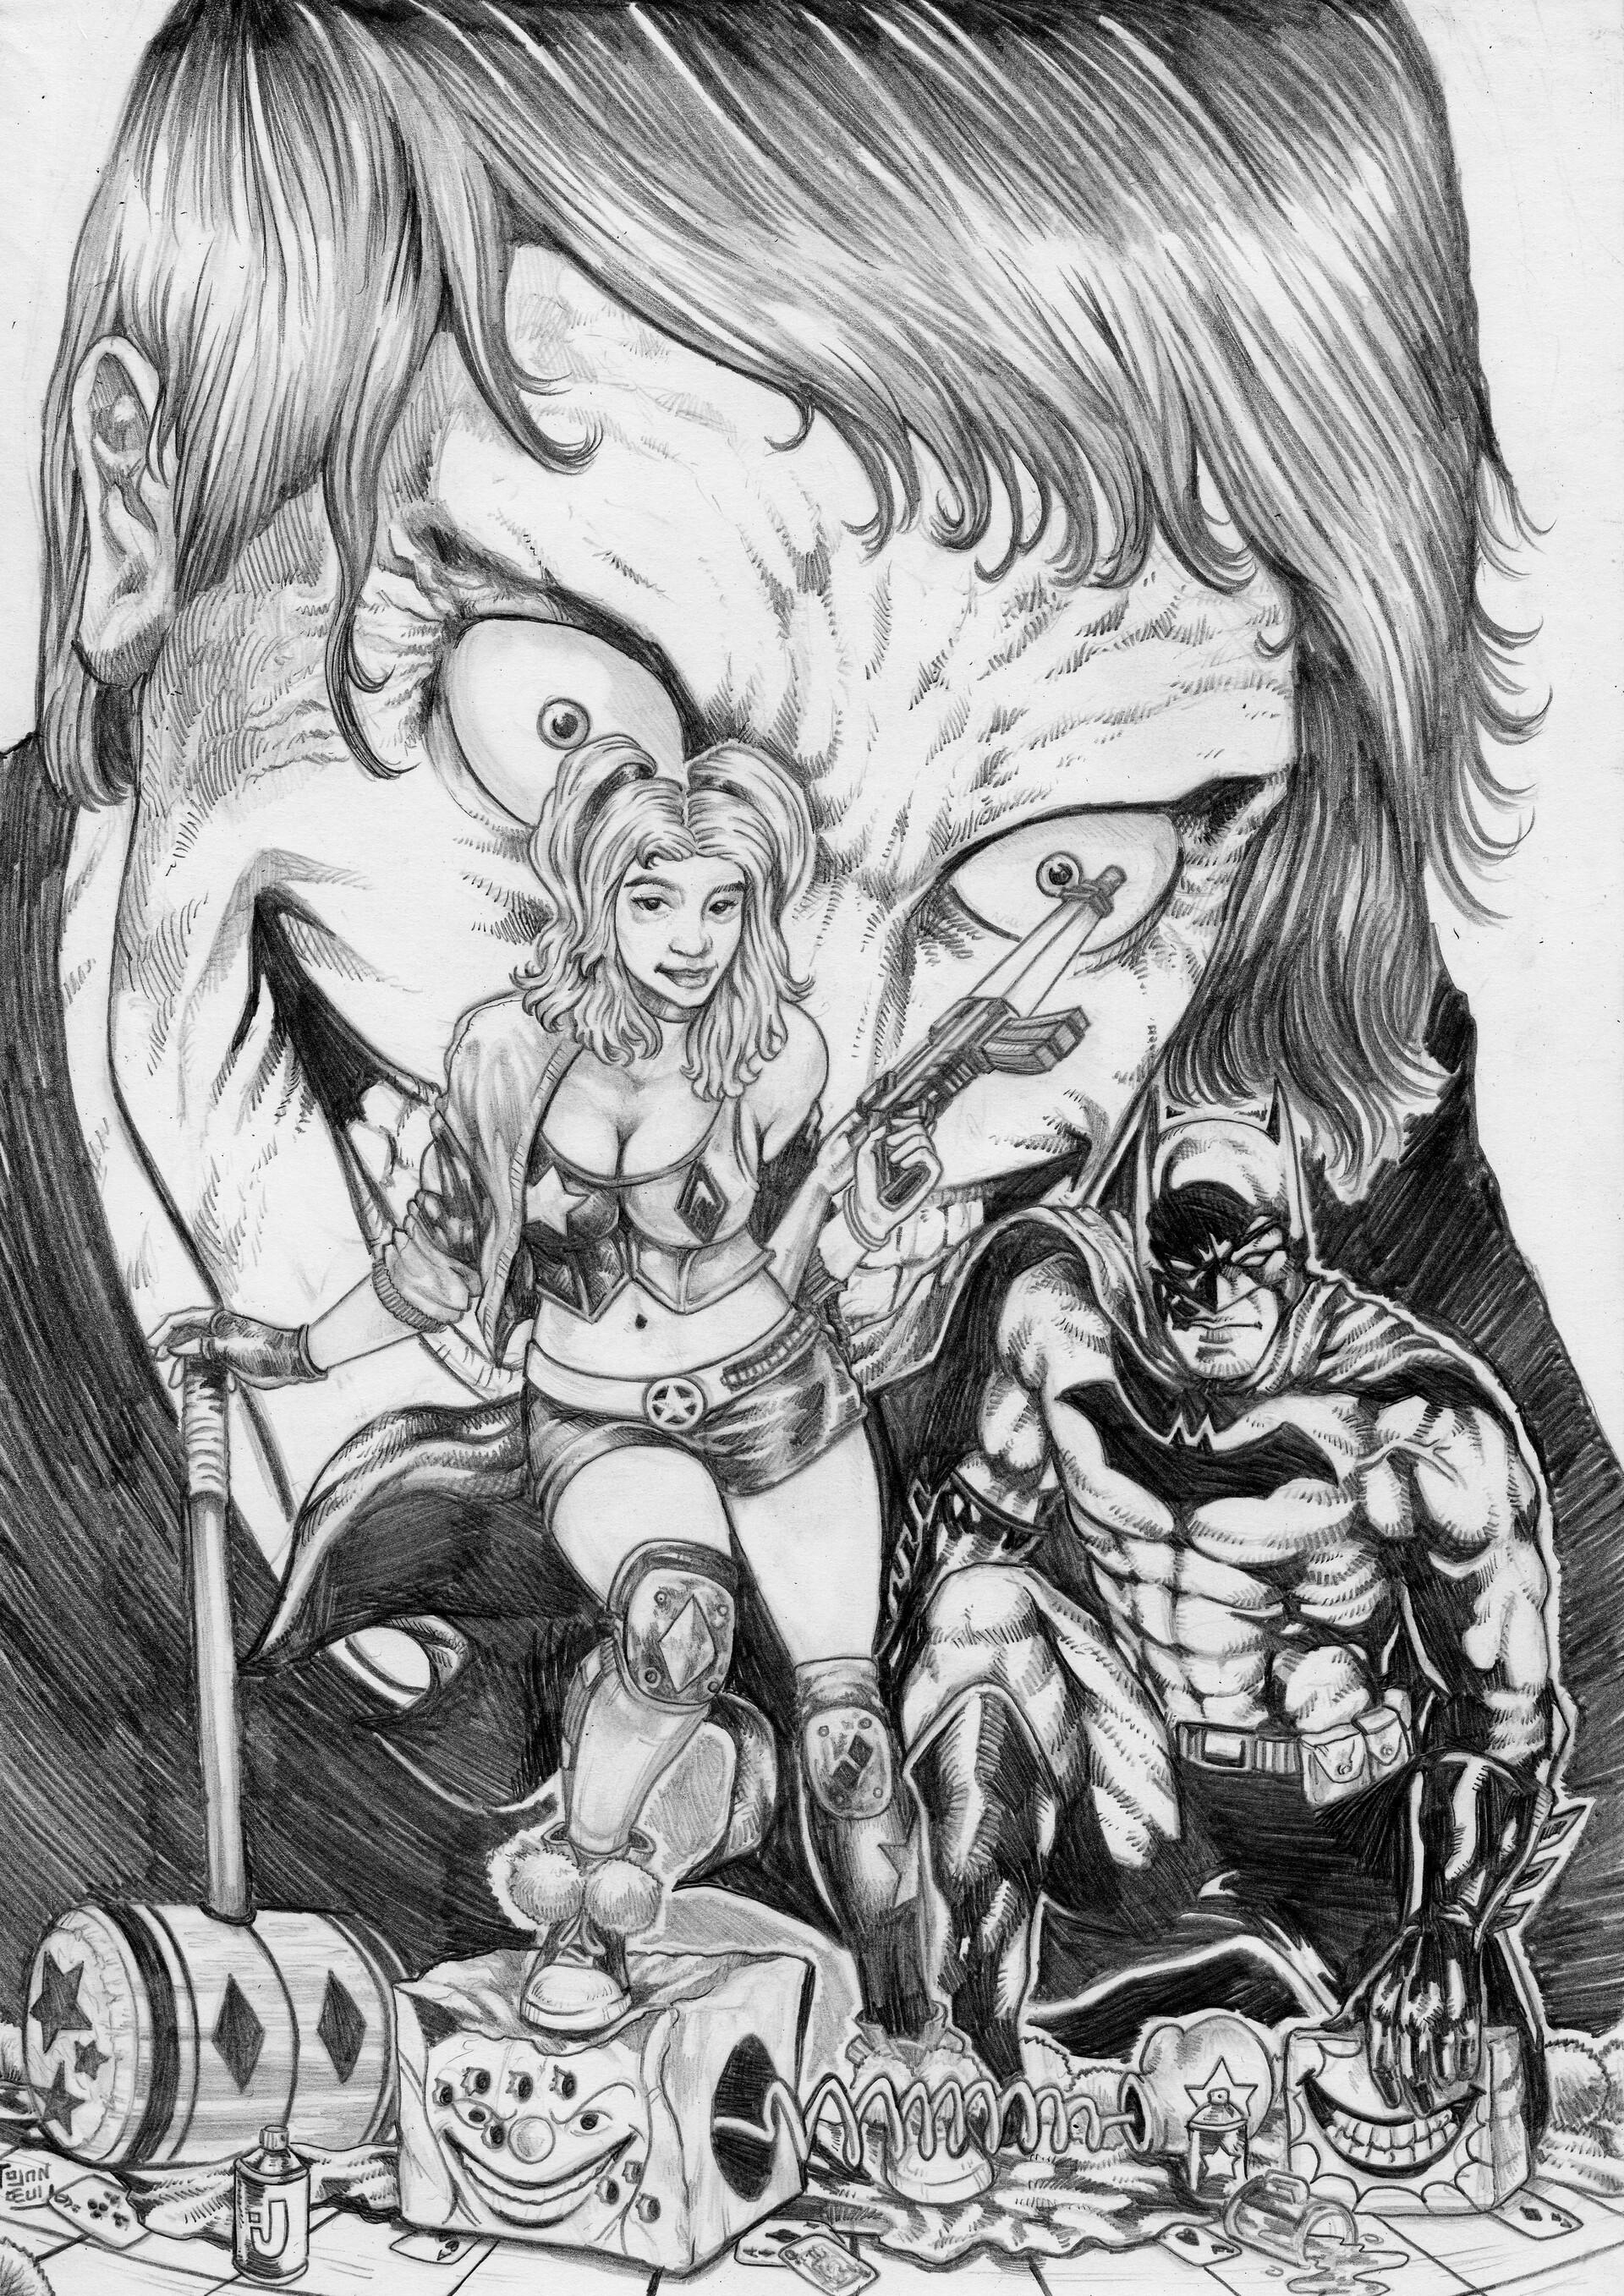 Artstation Original Pencil Fan Art Dc Comics Harley Quinn Issue 75 Od Ojandeui